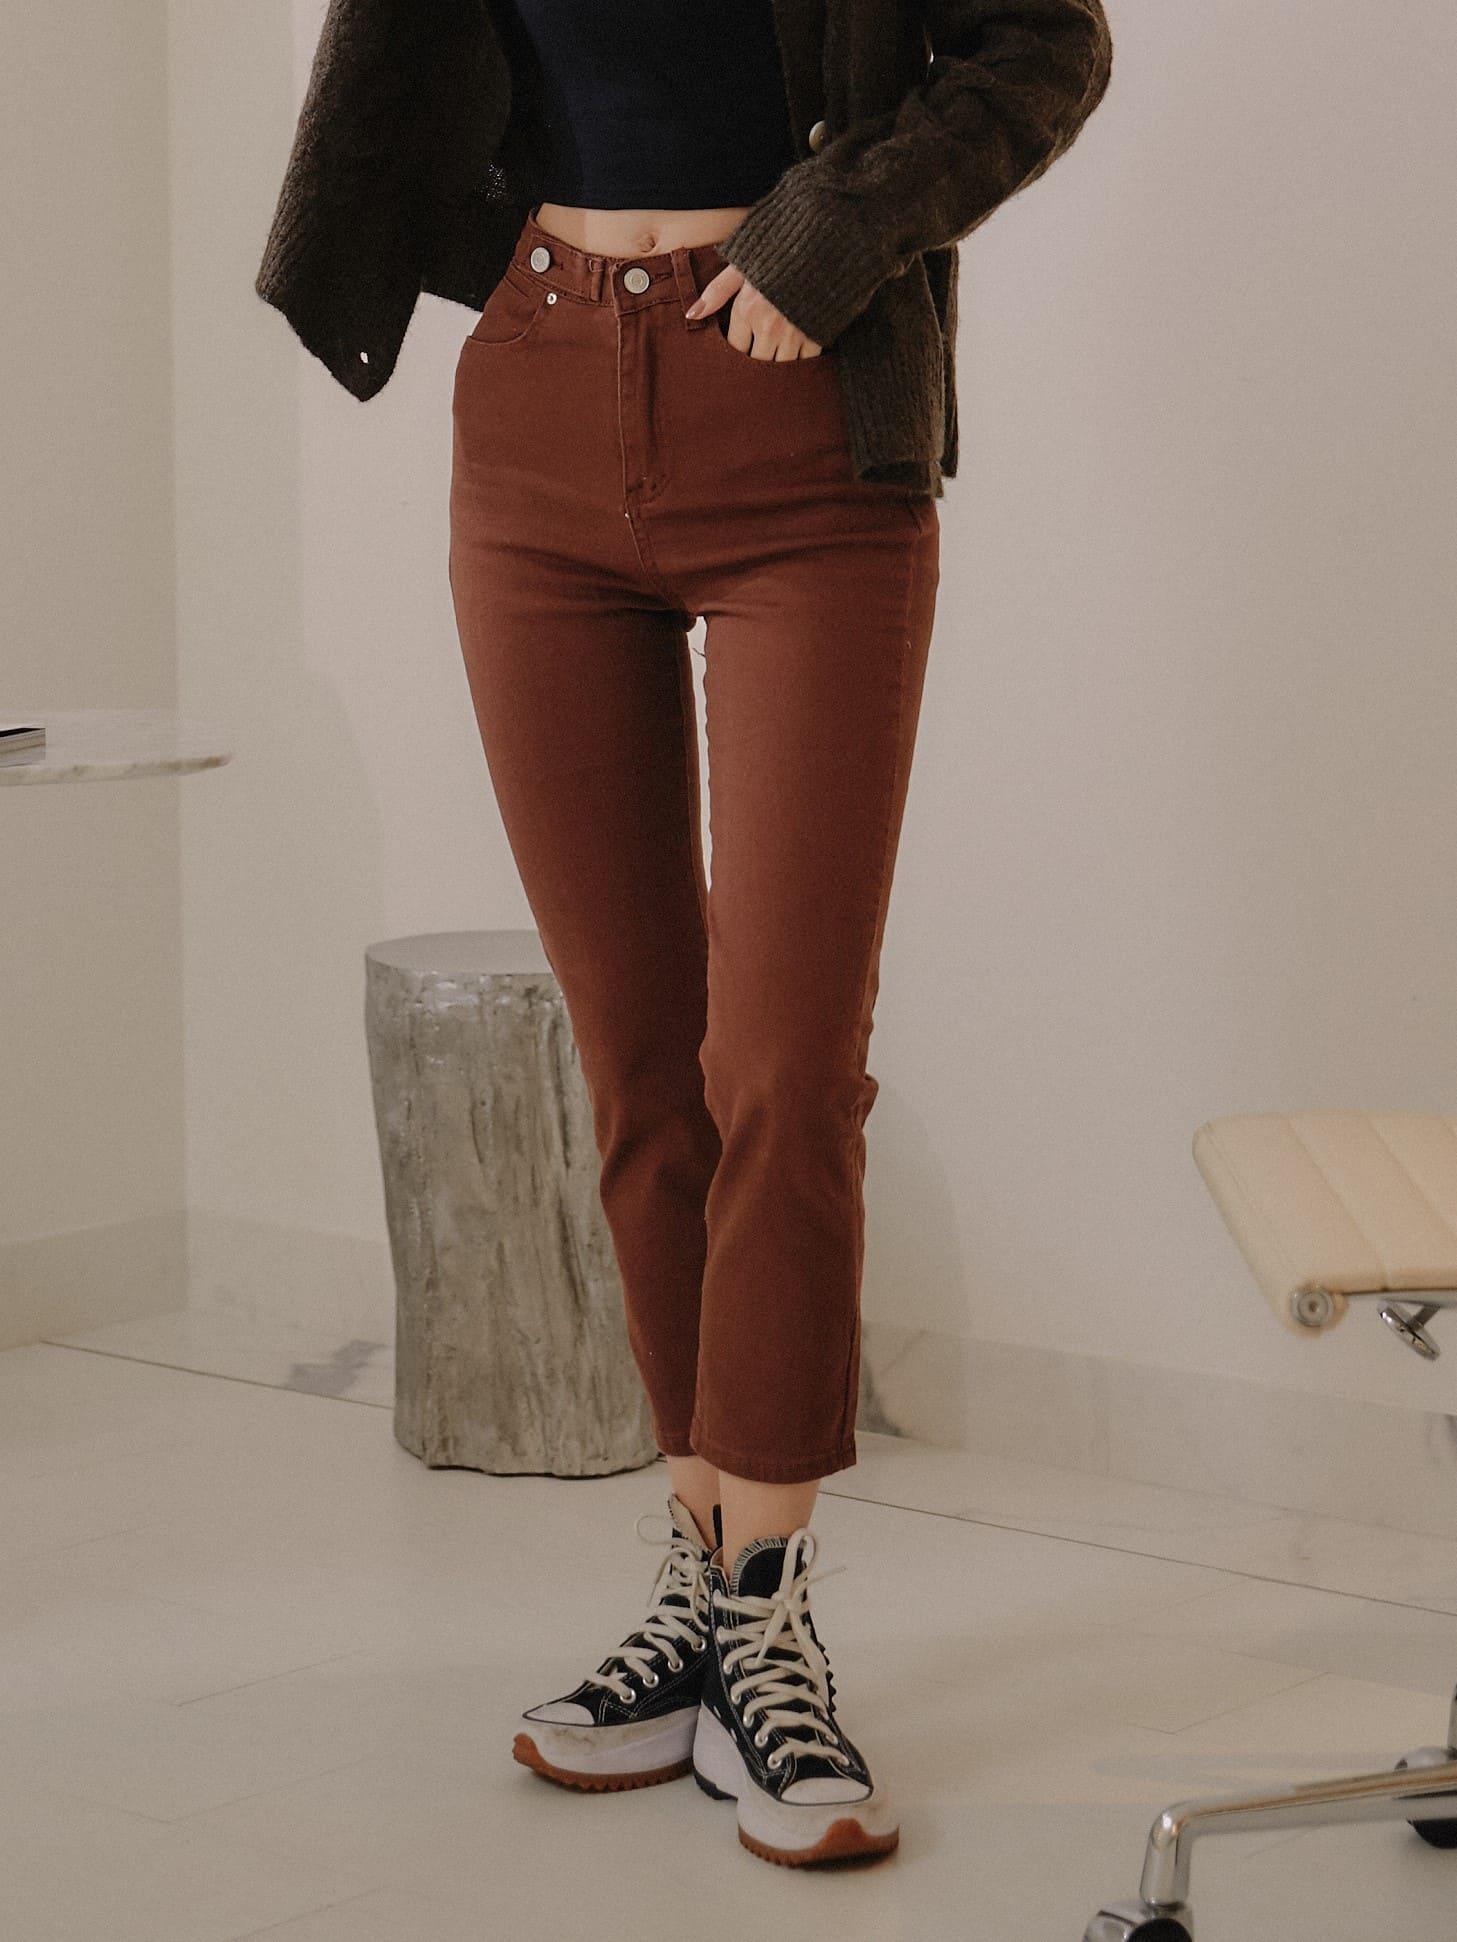 換個顏色穿搭直筒牛仔褲